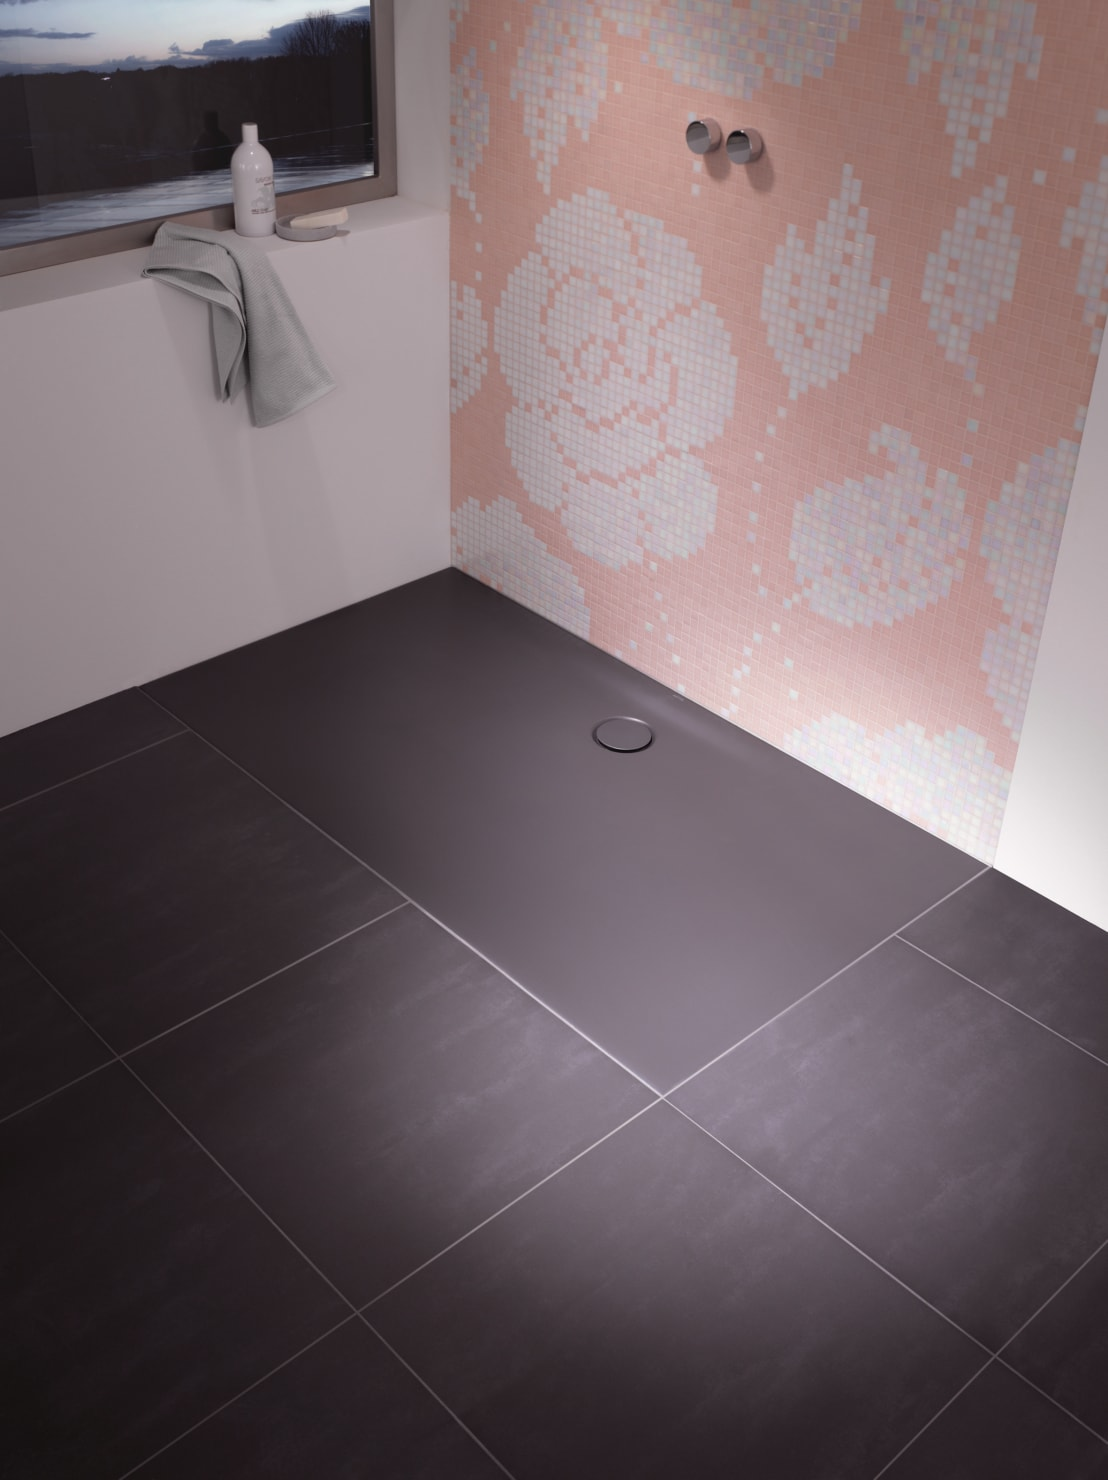 bettefloor side duschkomfort und bewegungsfreiheit in xxl von bette gmbh co kg homify. Black Bedroom Furniture Sets. Home Design Ideas